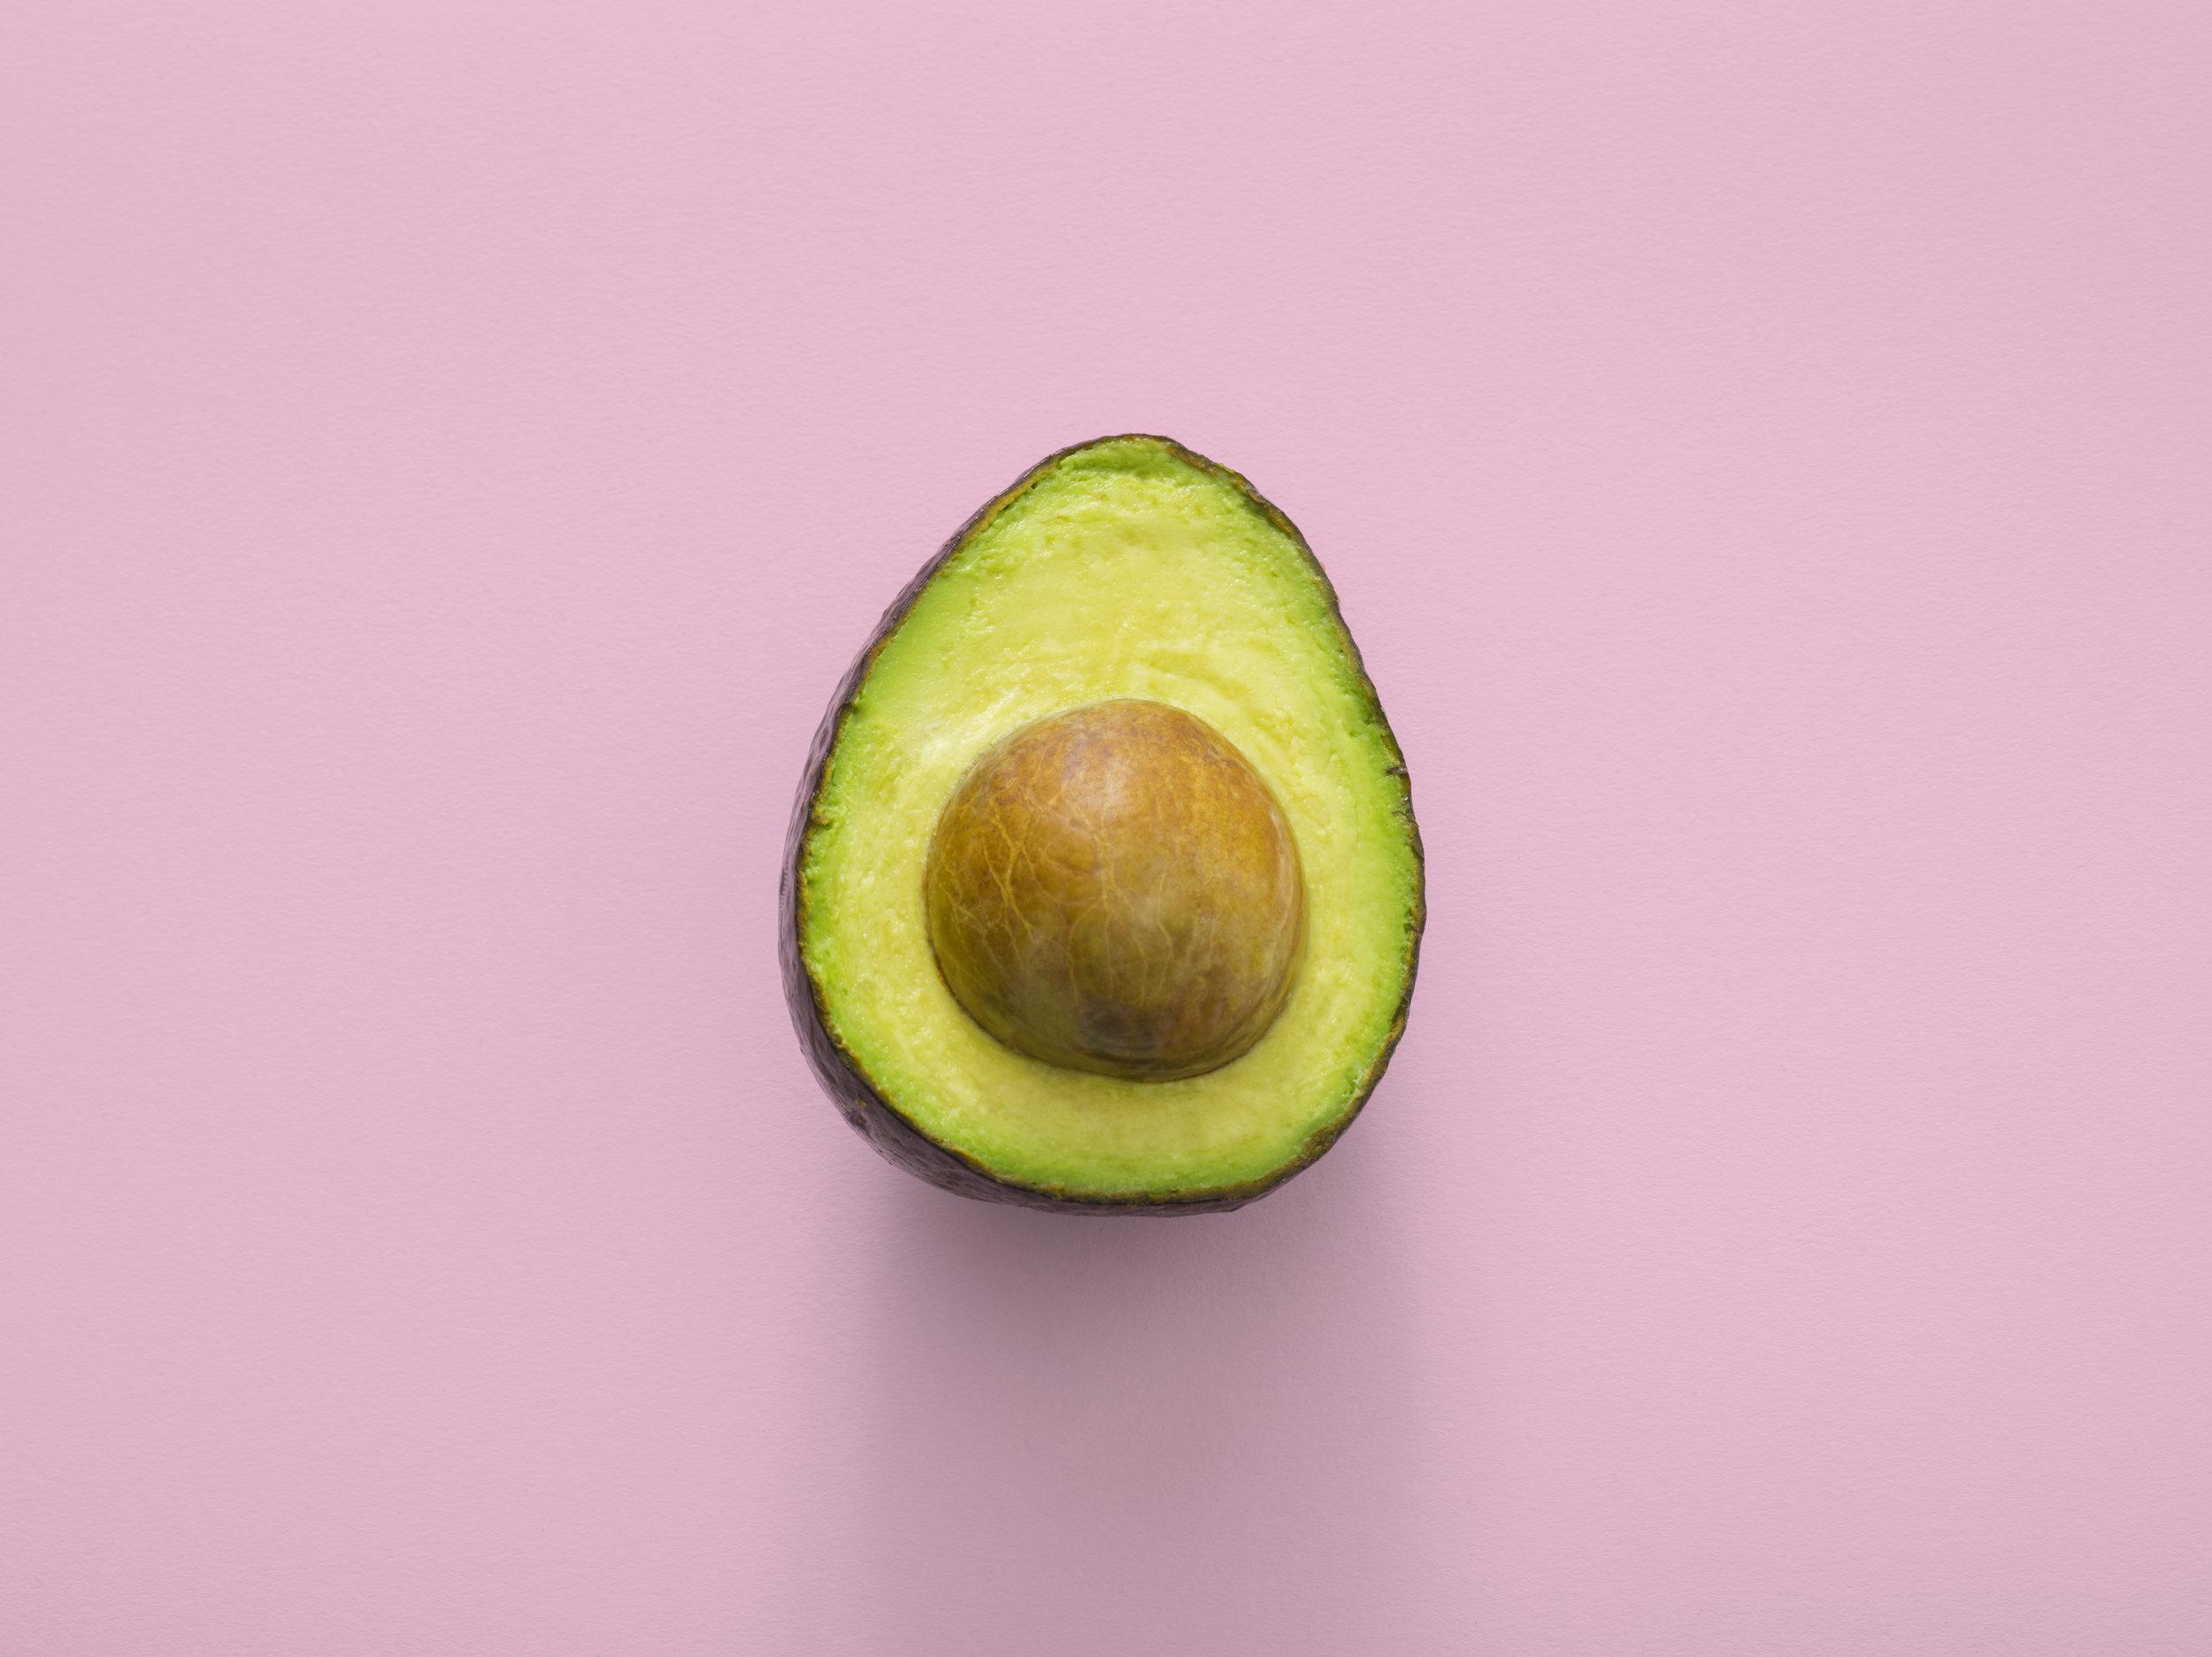 Avocat - Il contient des acides gras monoinsaturés, du potassium et des vitamines B9 et B5, permettant ainsi de lutter contre le stress et de libérer de l'énergie.